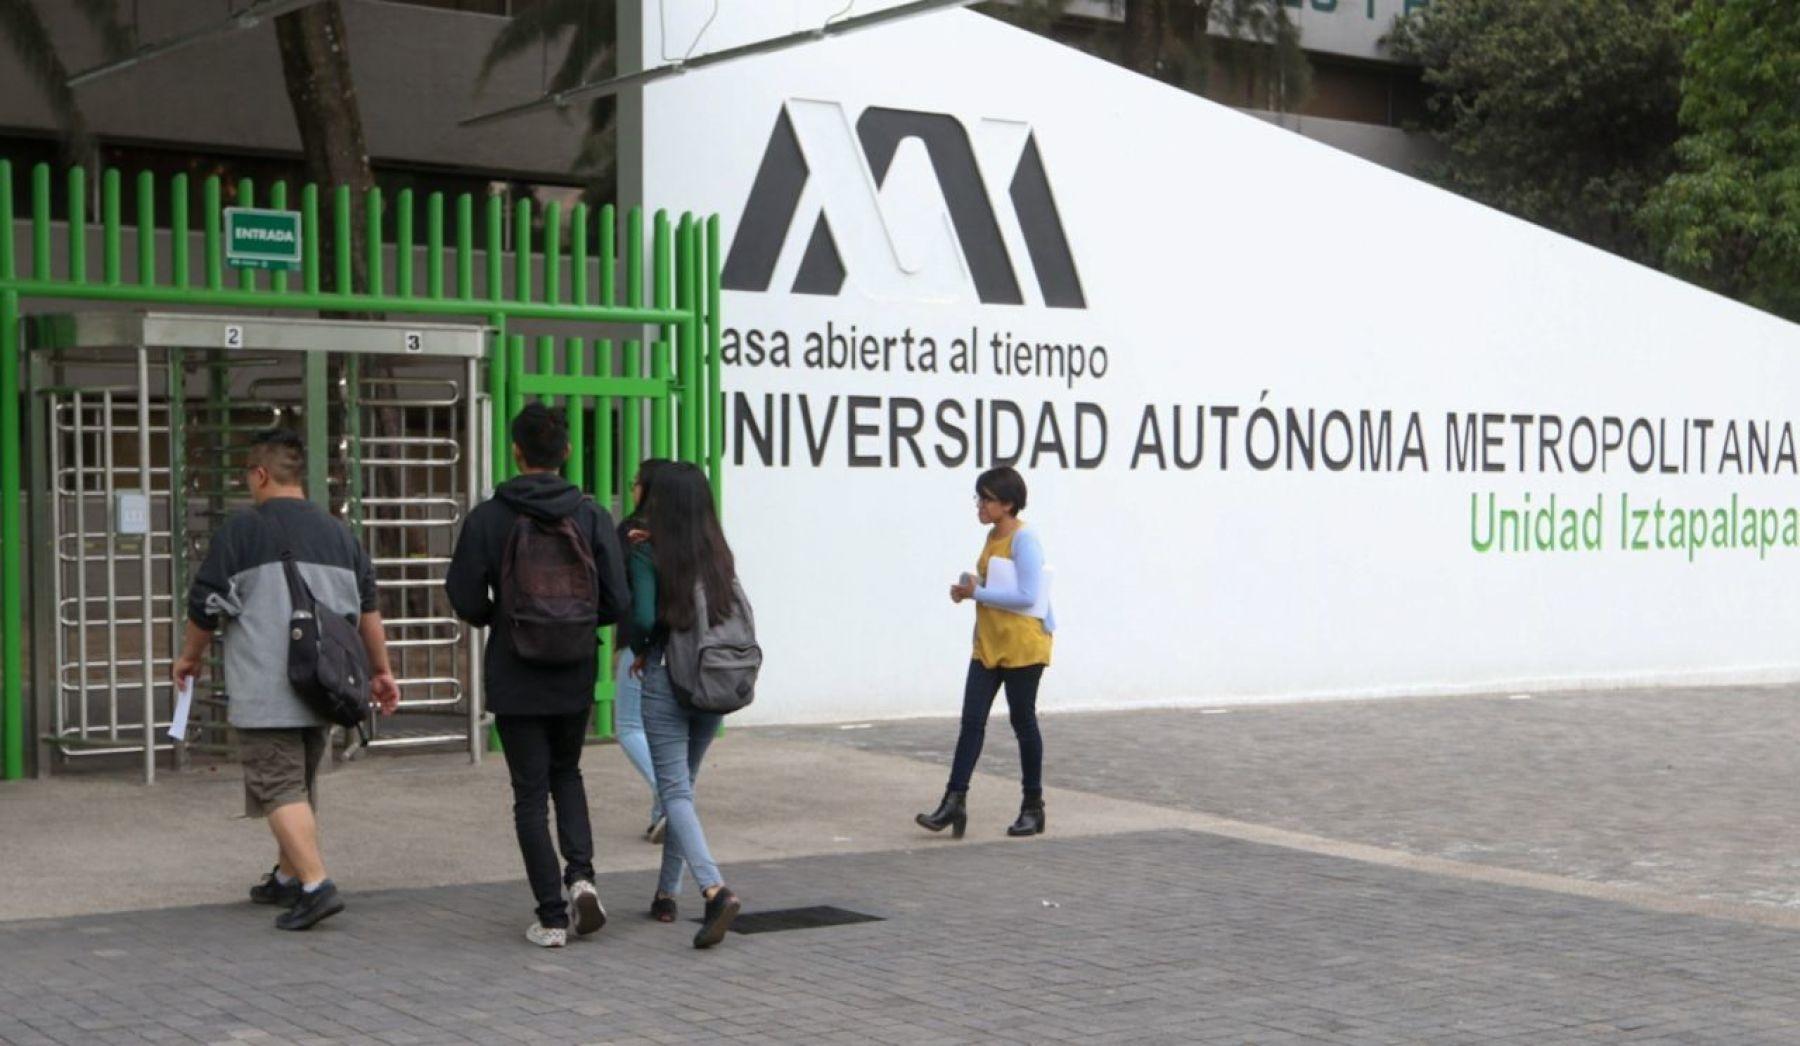 convocatoria de la UAM se publicará el próximo domingo 7 de marzo del 2021 para ingresar a licenciatura